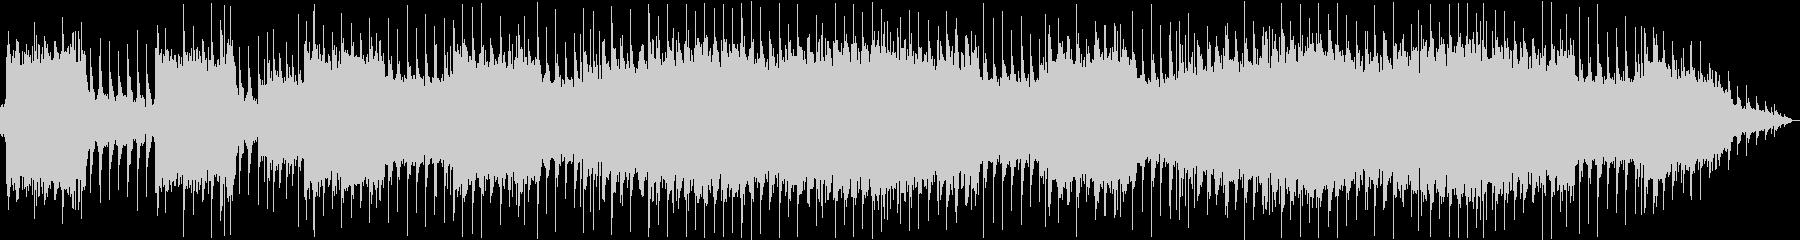 リフメインのテーマ曲のようなメタルBGMの未再生の波形